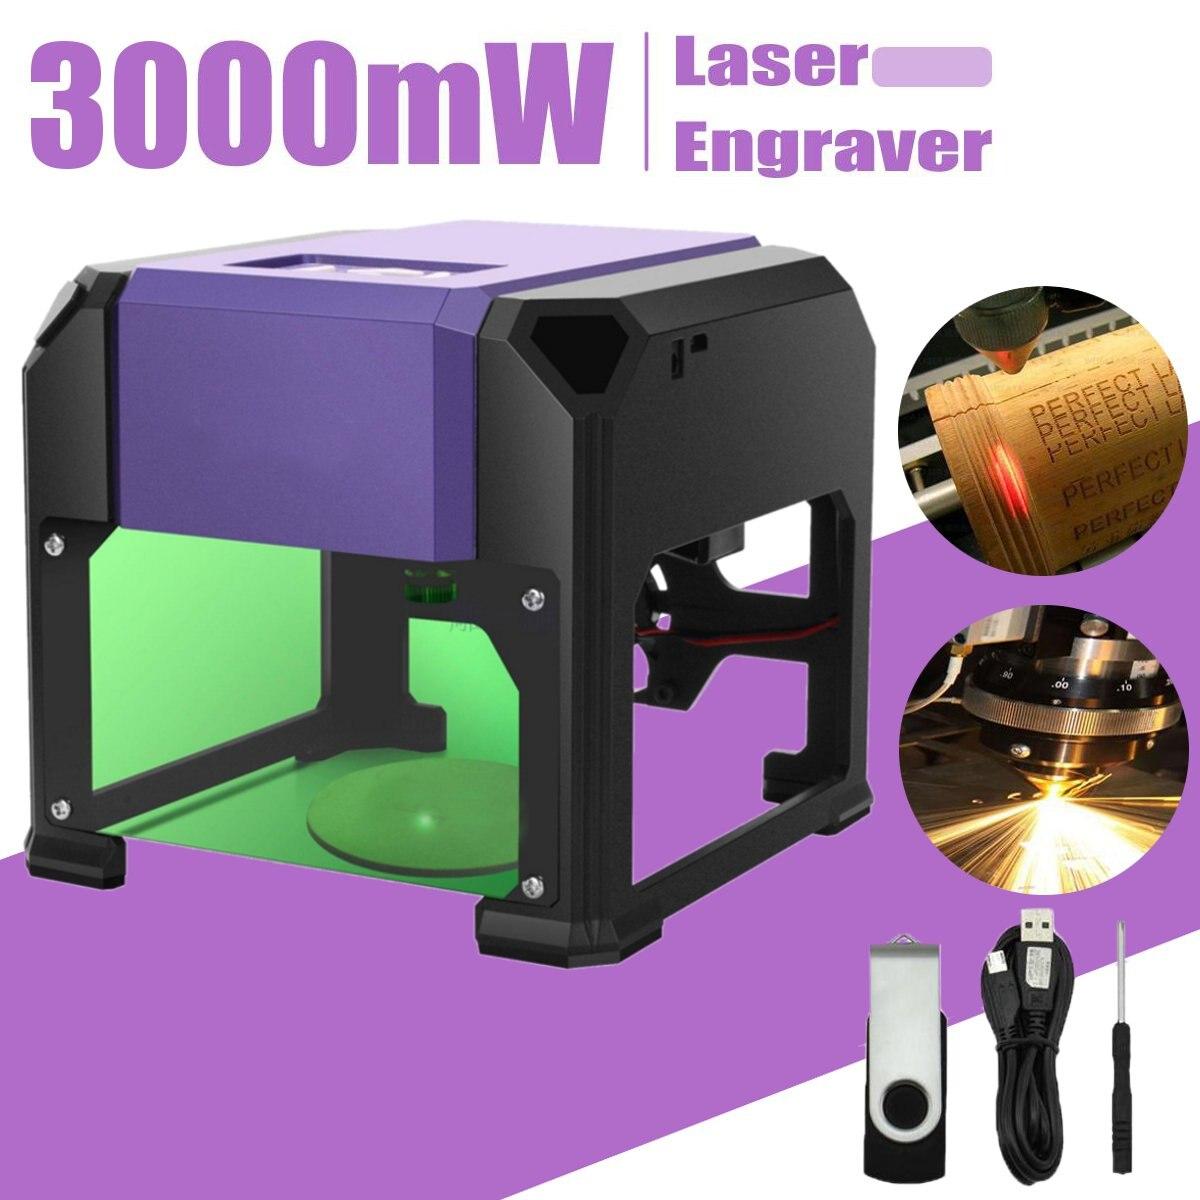 3000 mw USB Desktop Incisore Laser Macchina 80x80mm Incisione Gamma FAI DA TE Logo Marchio Taglierina Stampante Laser CNC intagliare Macchina